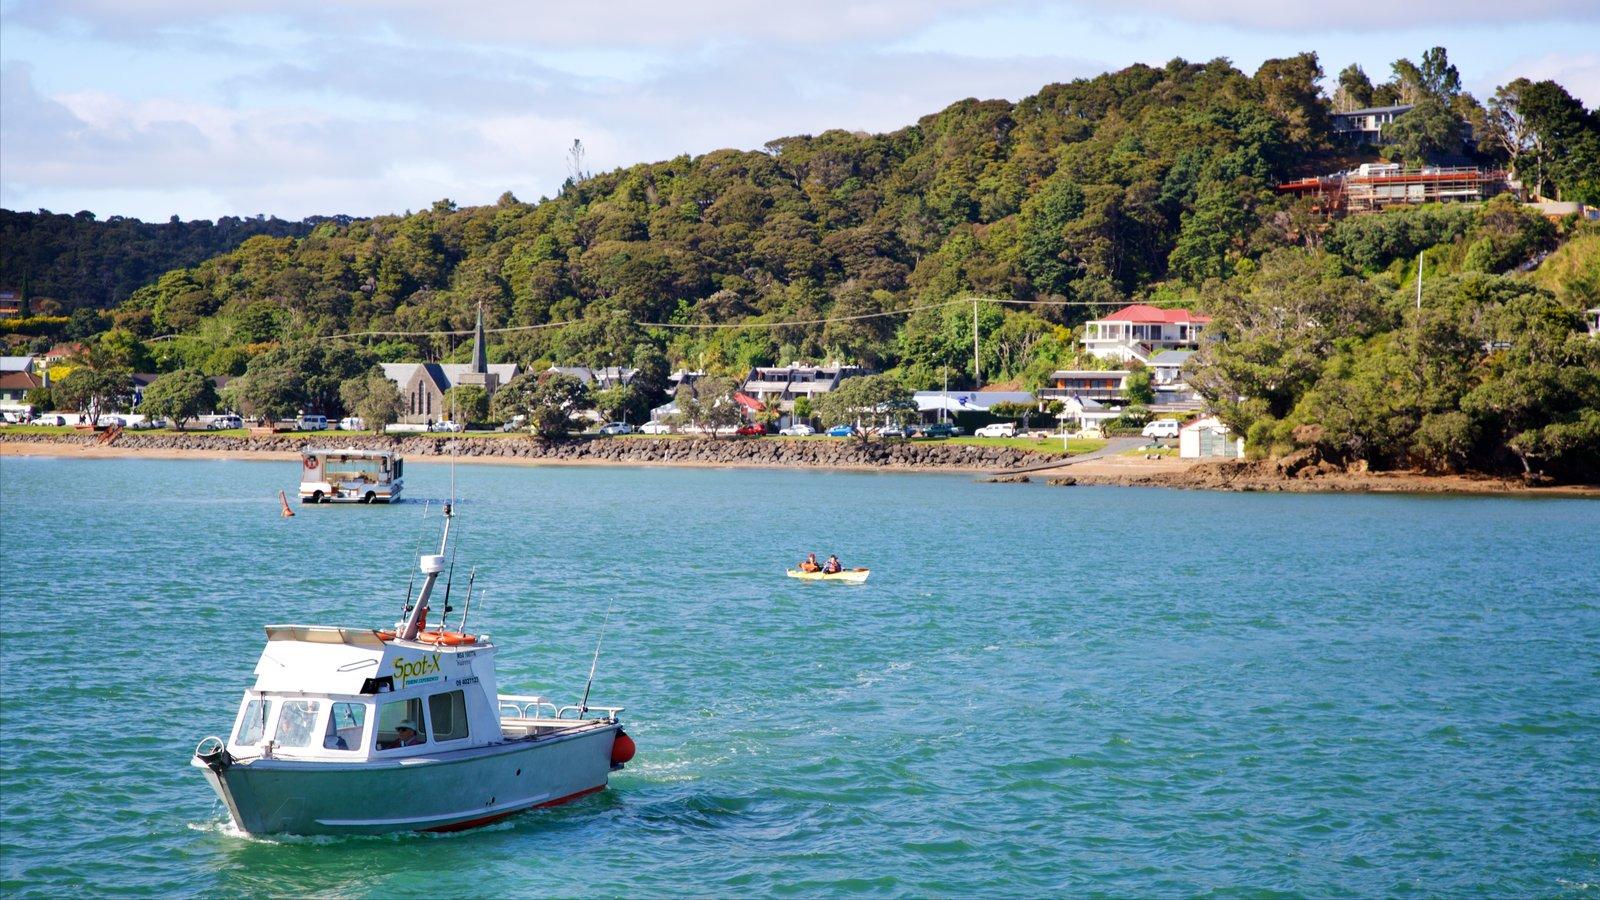 Paihia mostrando una bahía o puerto, paseos en lancha y una ciudad costera